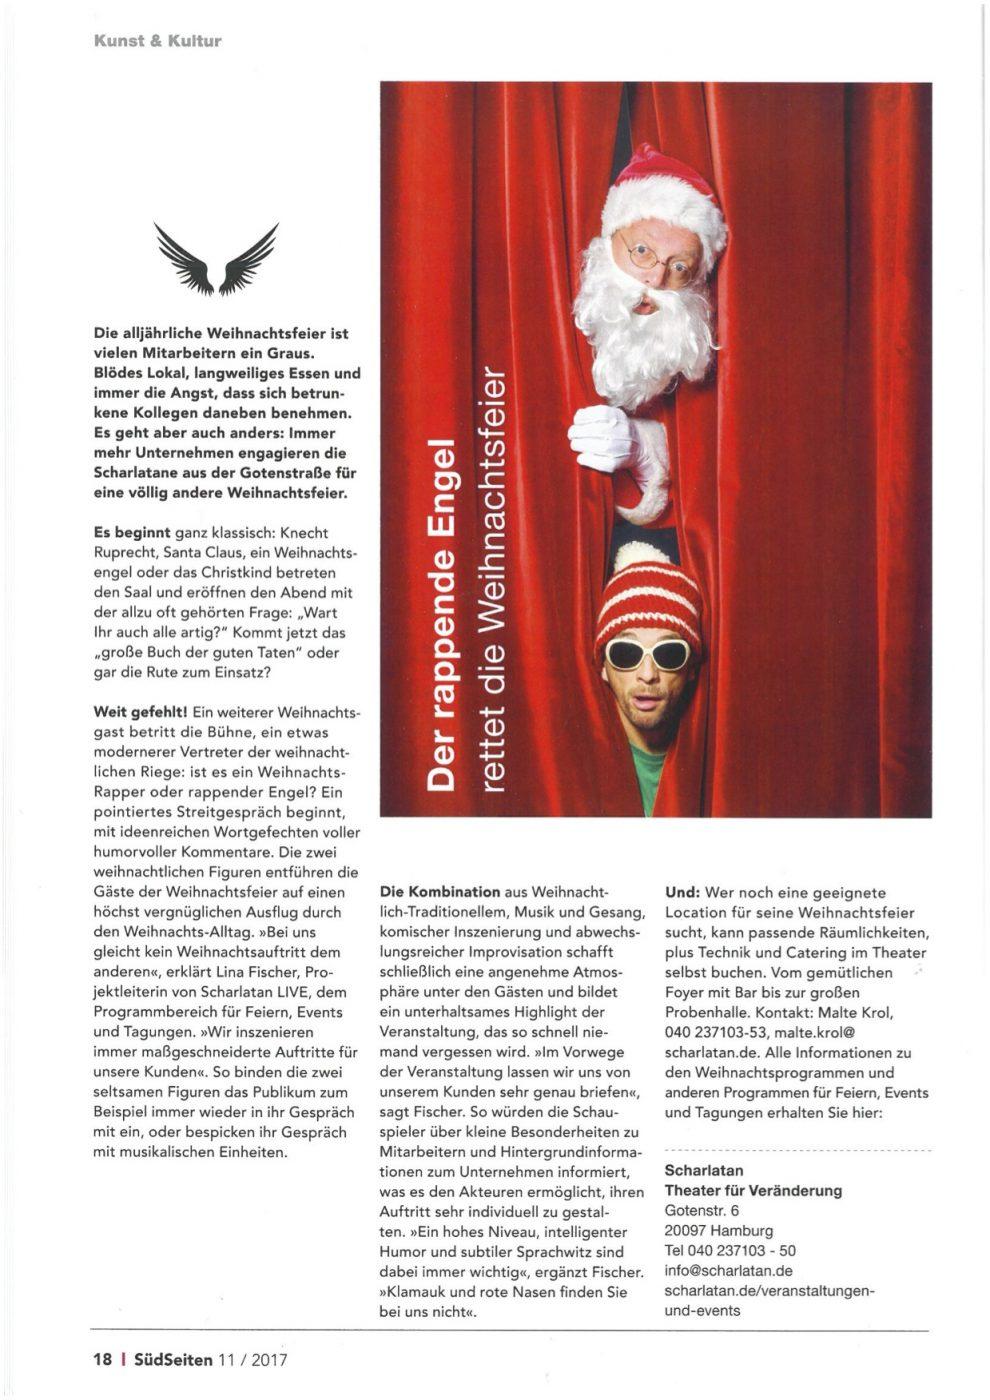 Artikel Weihnachtsfeier.Neuer Artikel Der Rappende Engel Rettet Die Weihnachtsfeier